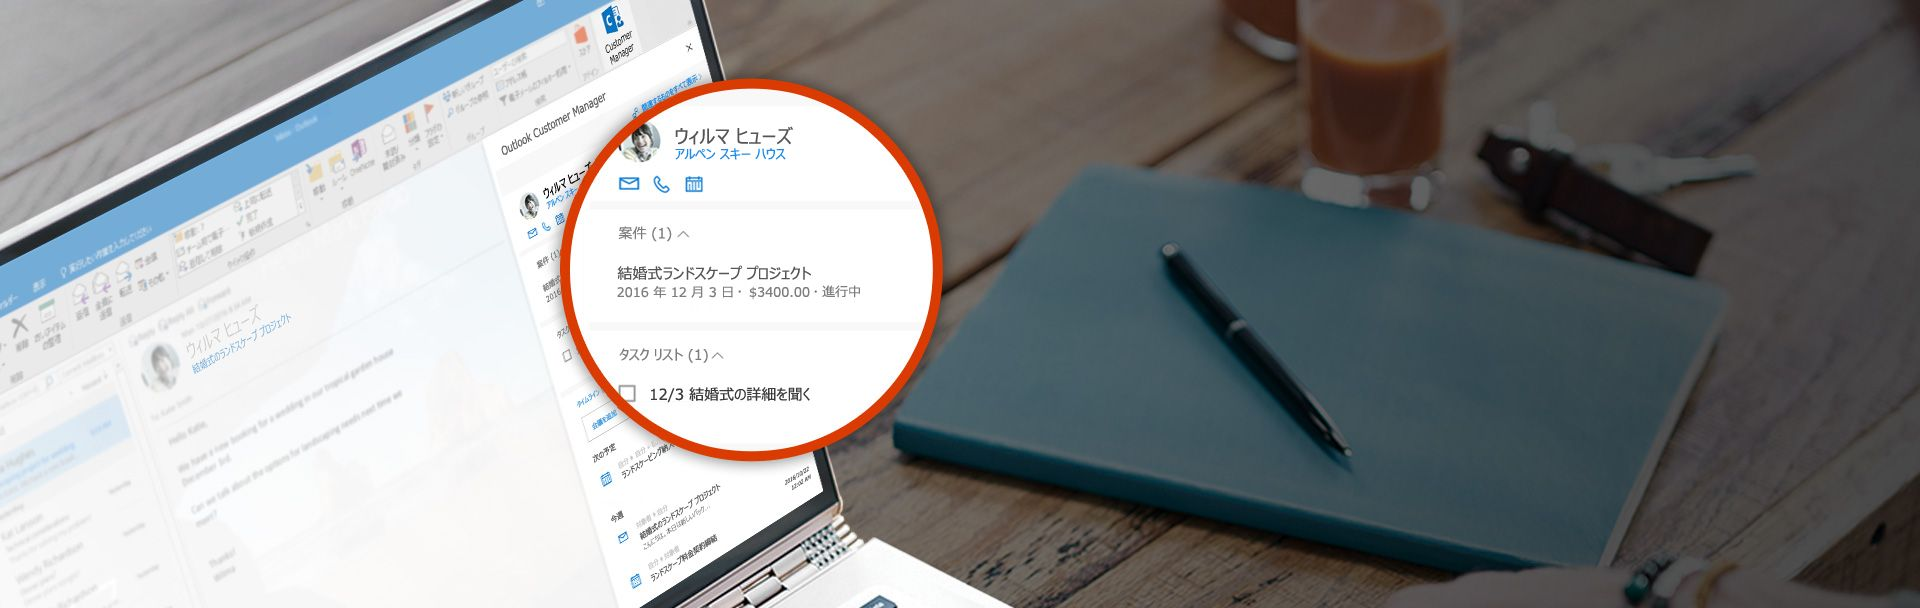 顧客情報を示すセクションが拡大表示されているコンピューター画面